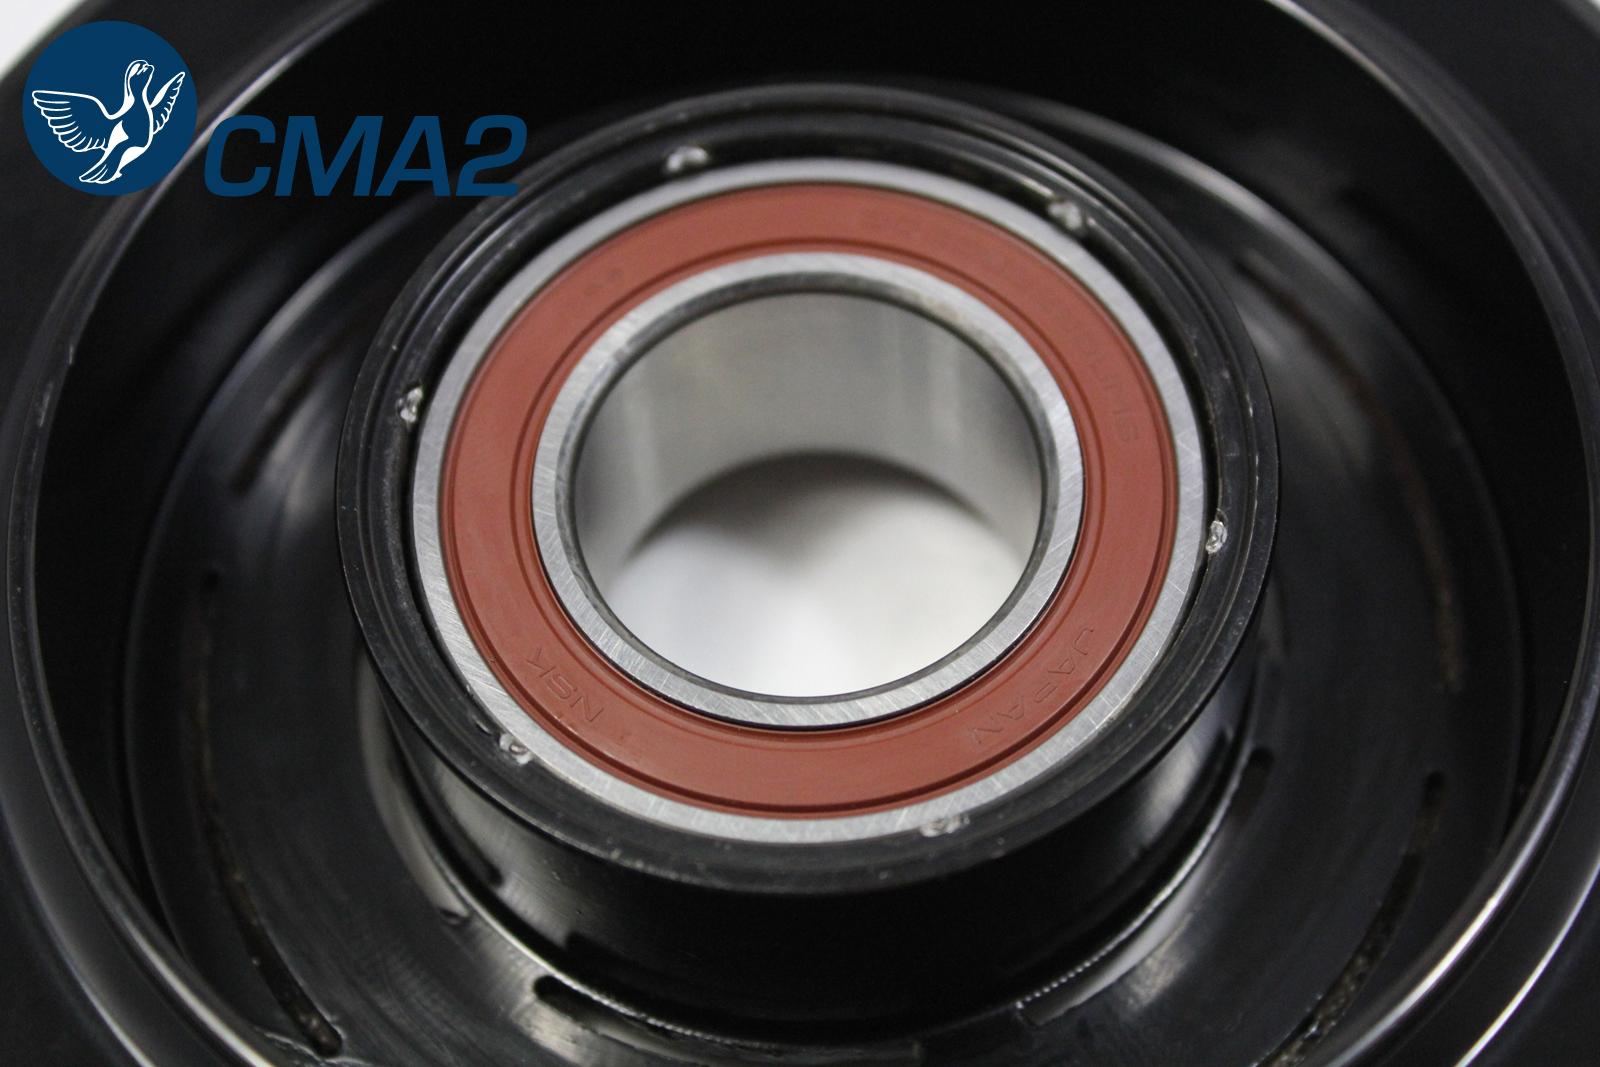 Муфта компрессора кондиционера Тойота Камри 30 3.0, Лексус RX300, 88410-06100, 88410-07030, 88410-07040, 88410-33120, 88410-33140, 88410-33160.